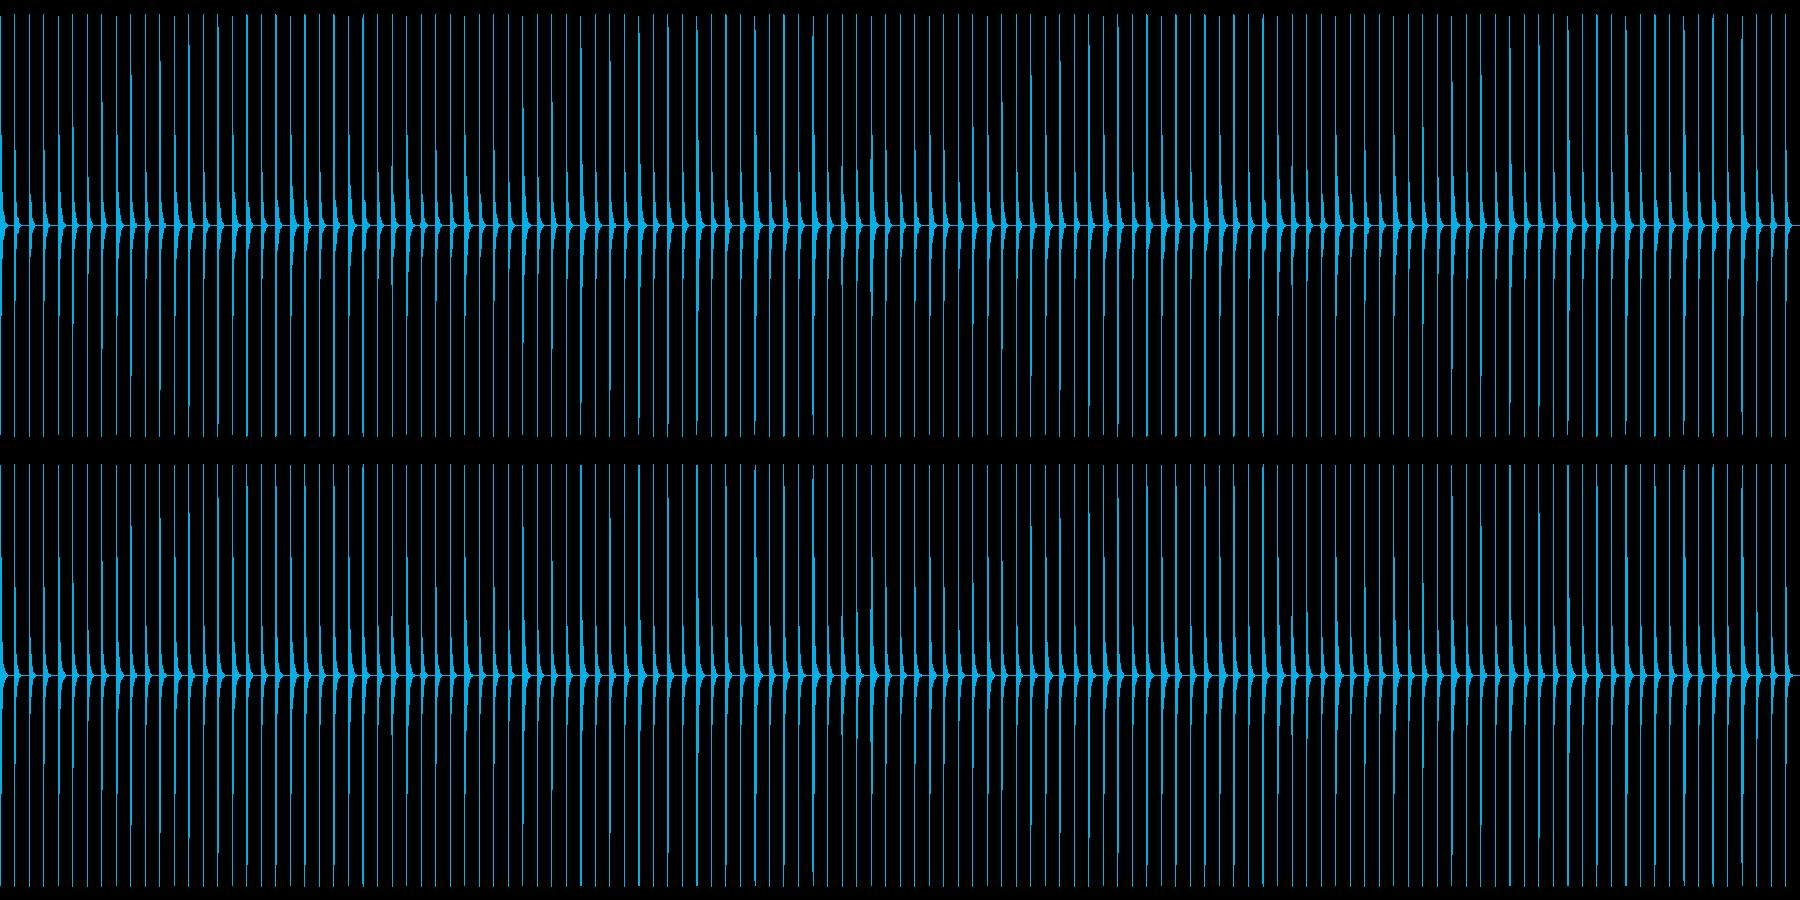 生音クリック01-120-AccOnの再生済みの波形